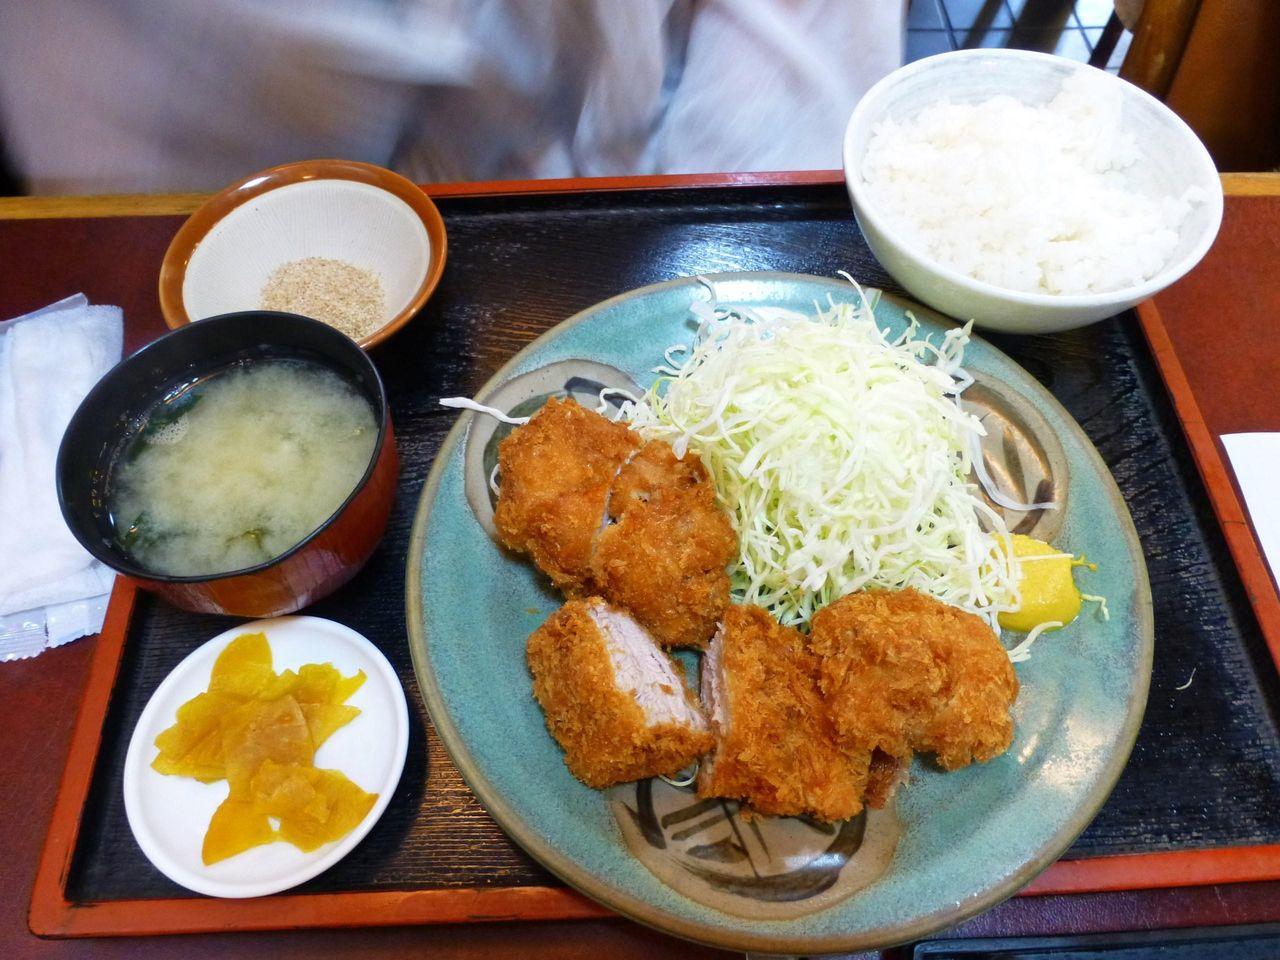 ヒレかつ定食1,190円